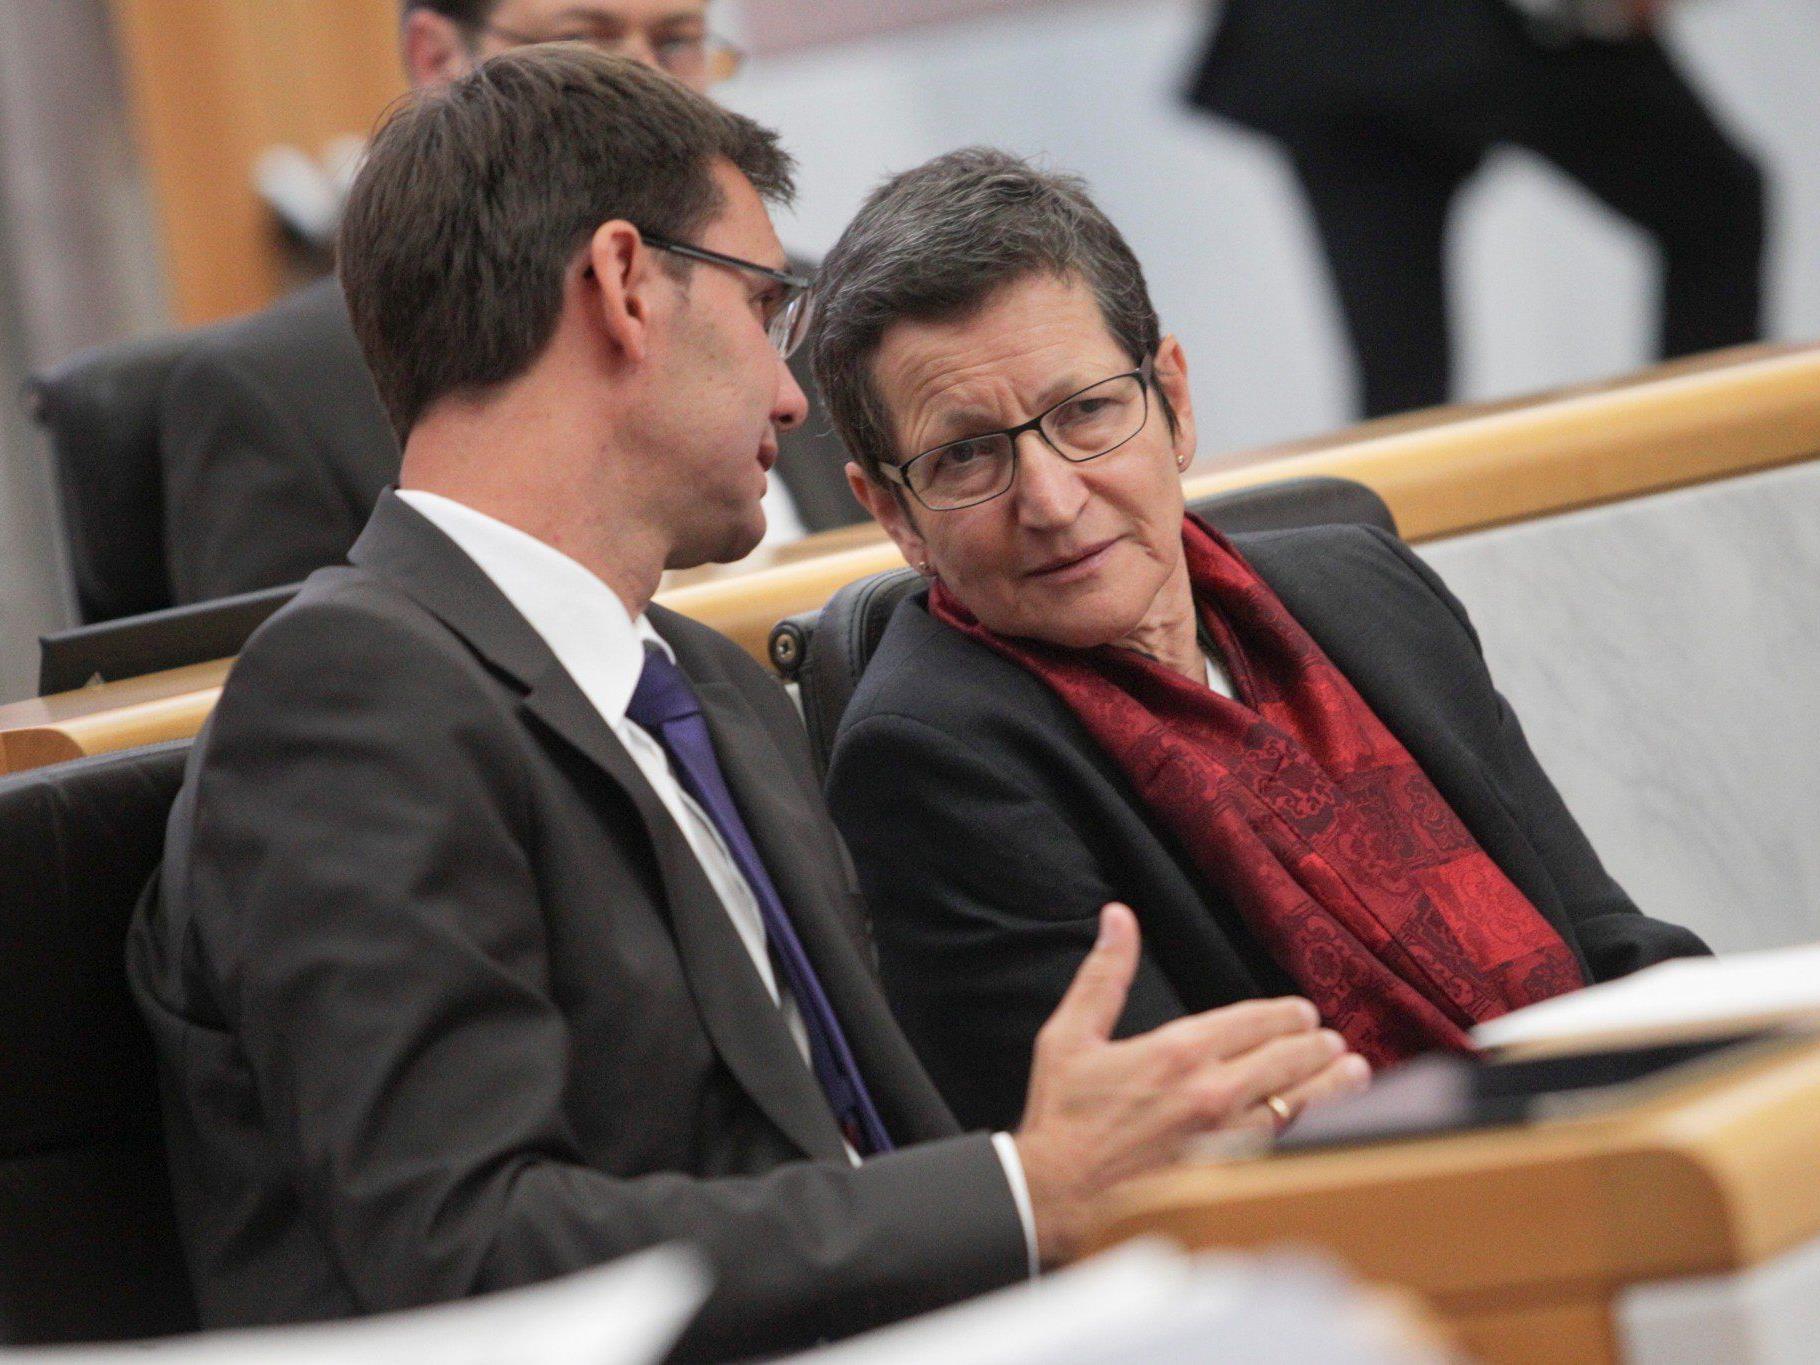 Schmid scheidet mit September aus der Politik aus - Auf Nachfolge-Spekulationen wollte sich Wallner nicht einlassen,